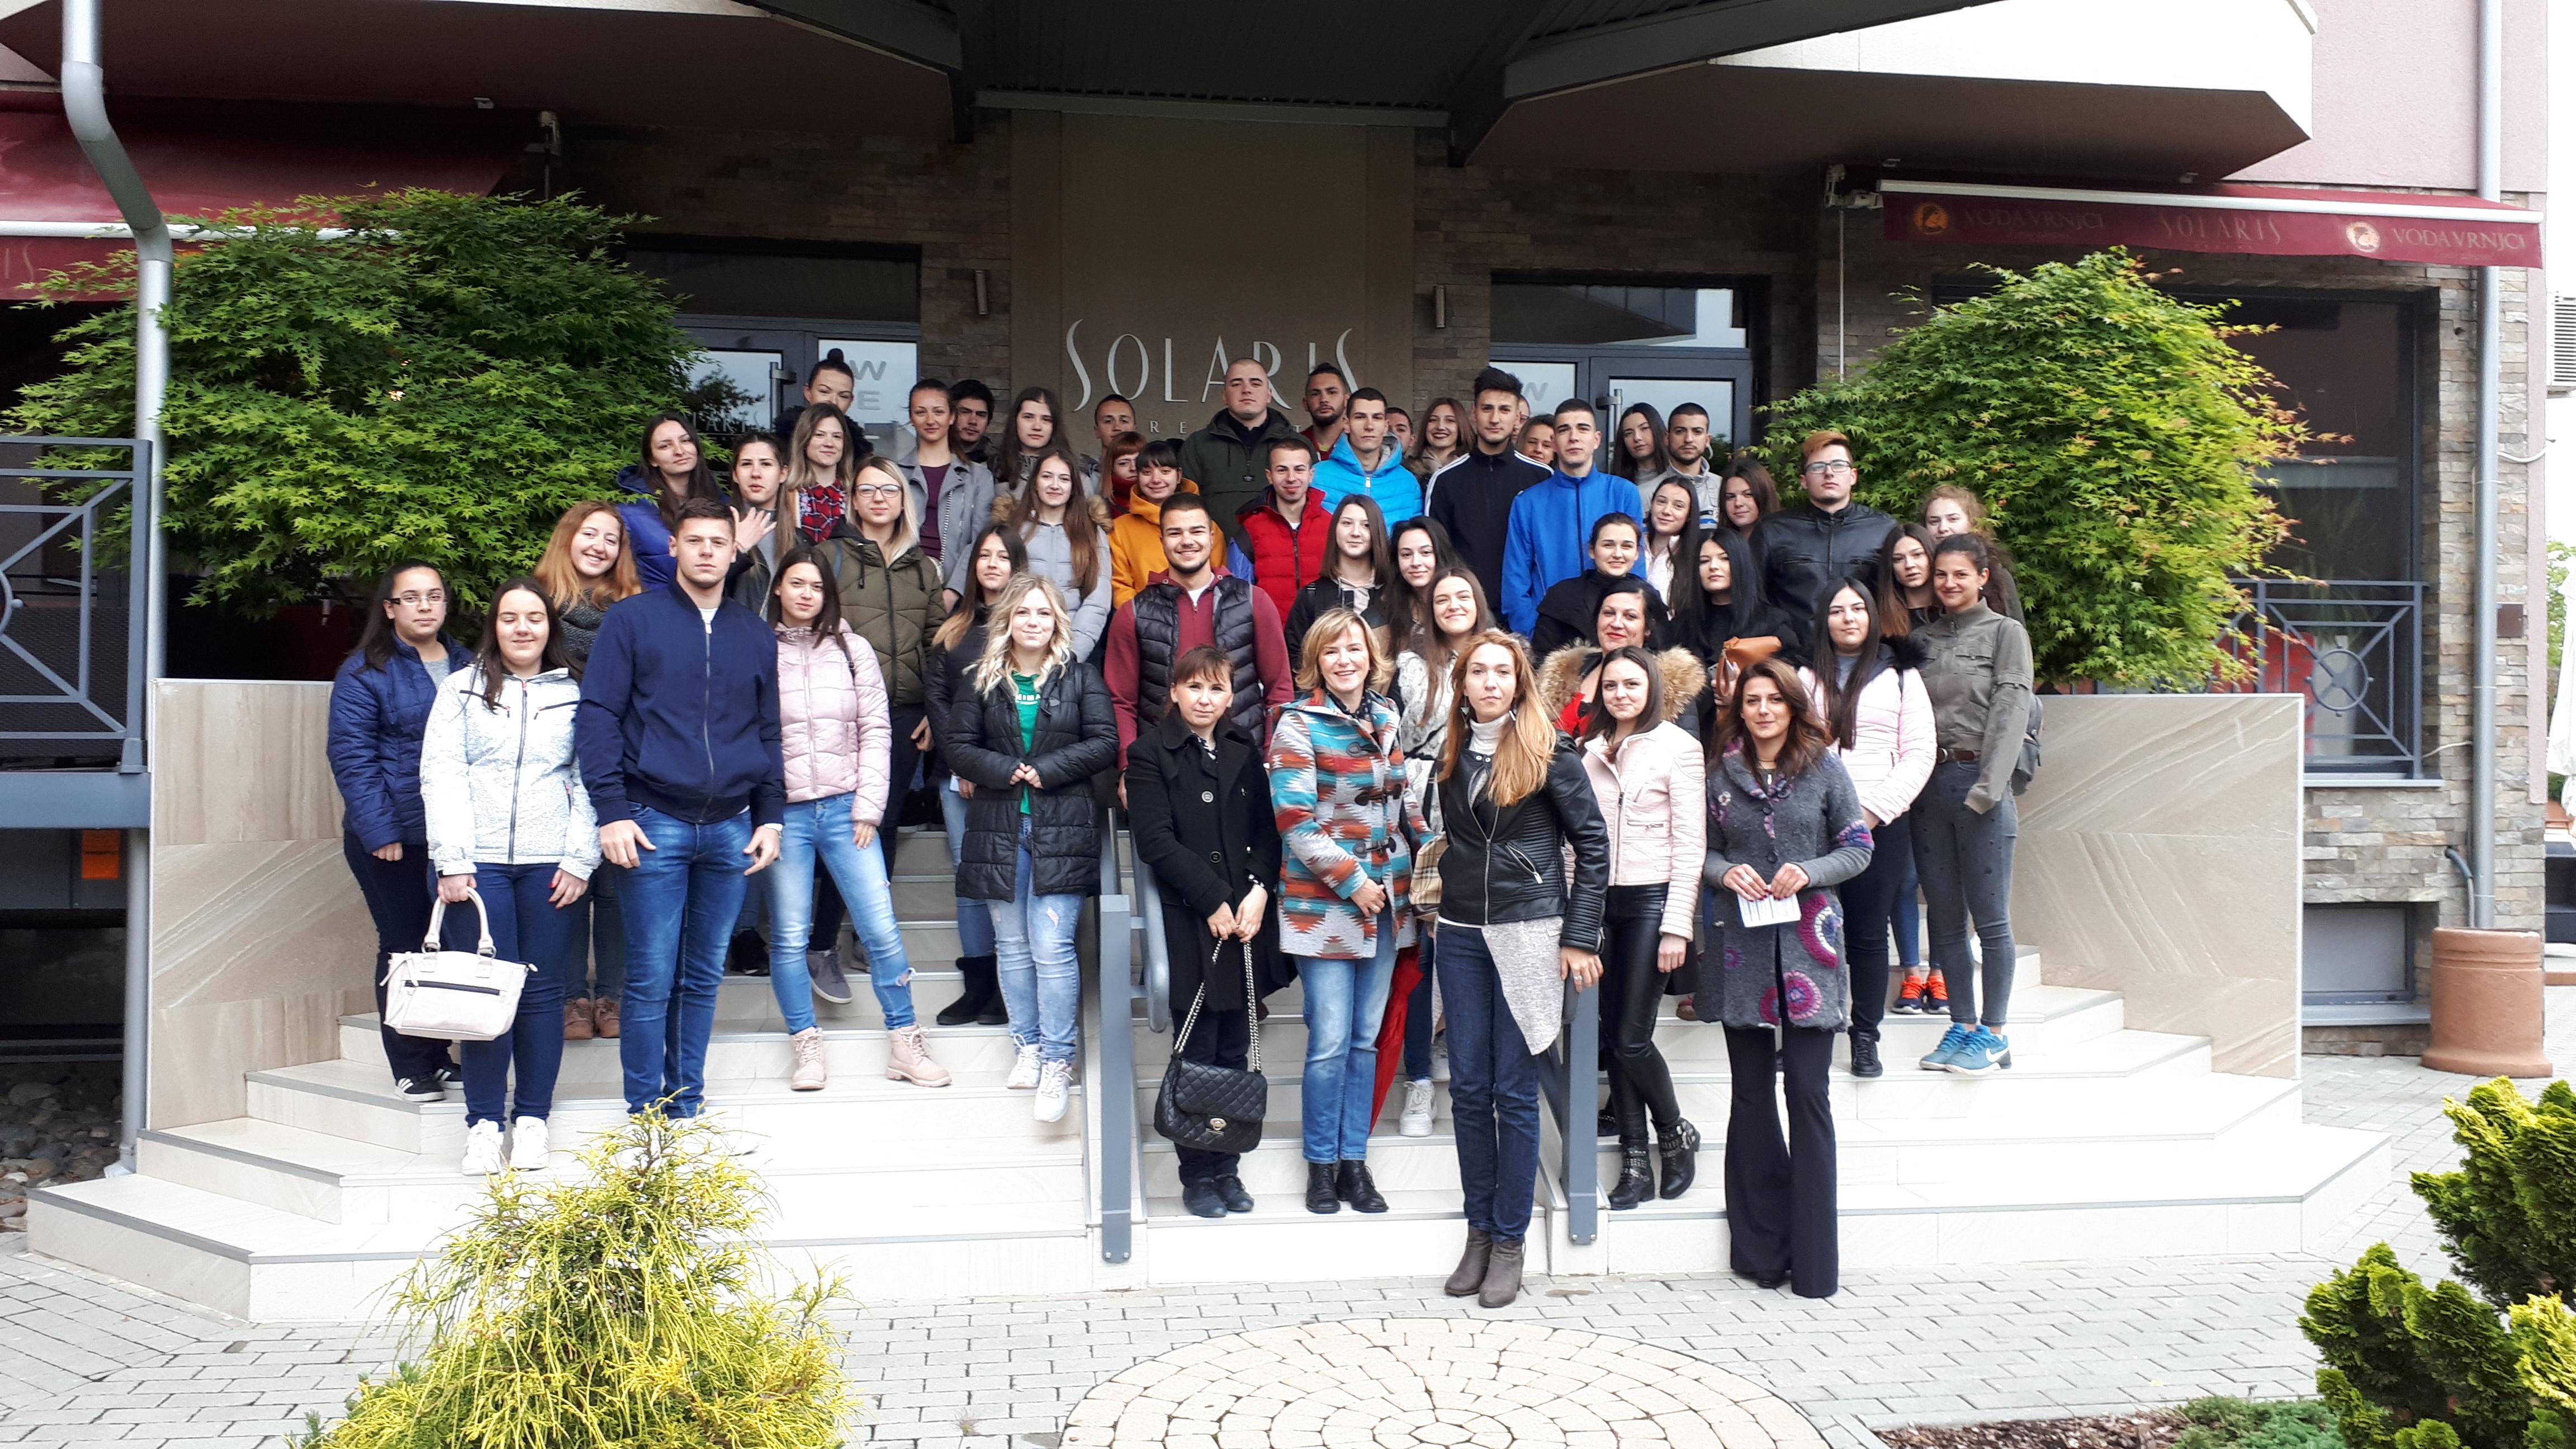 Studenti Fakulteta za hotelijerstvo i turizam u Vrnjačkoj Banji su posetili Solaris Resort